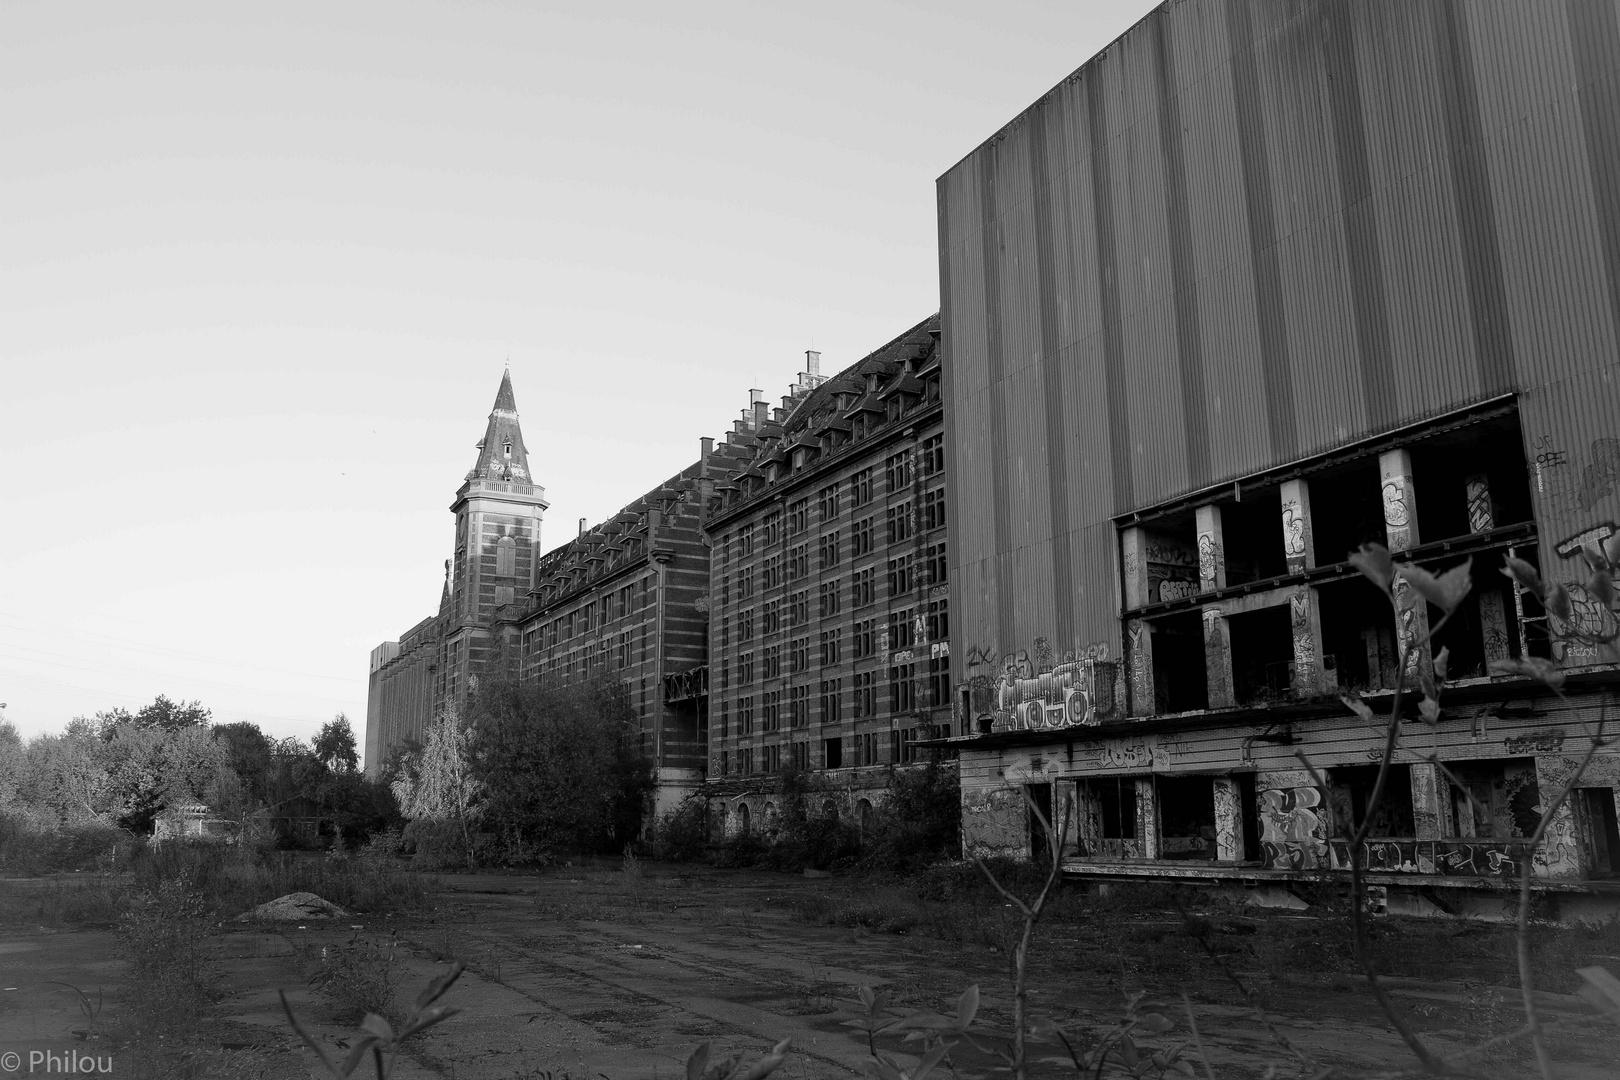 Grands moulins de paris à Lille 4